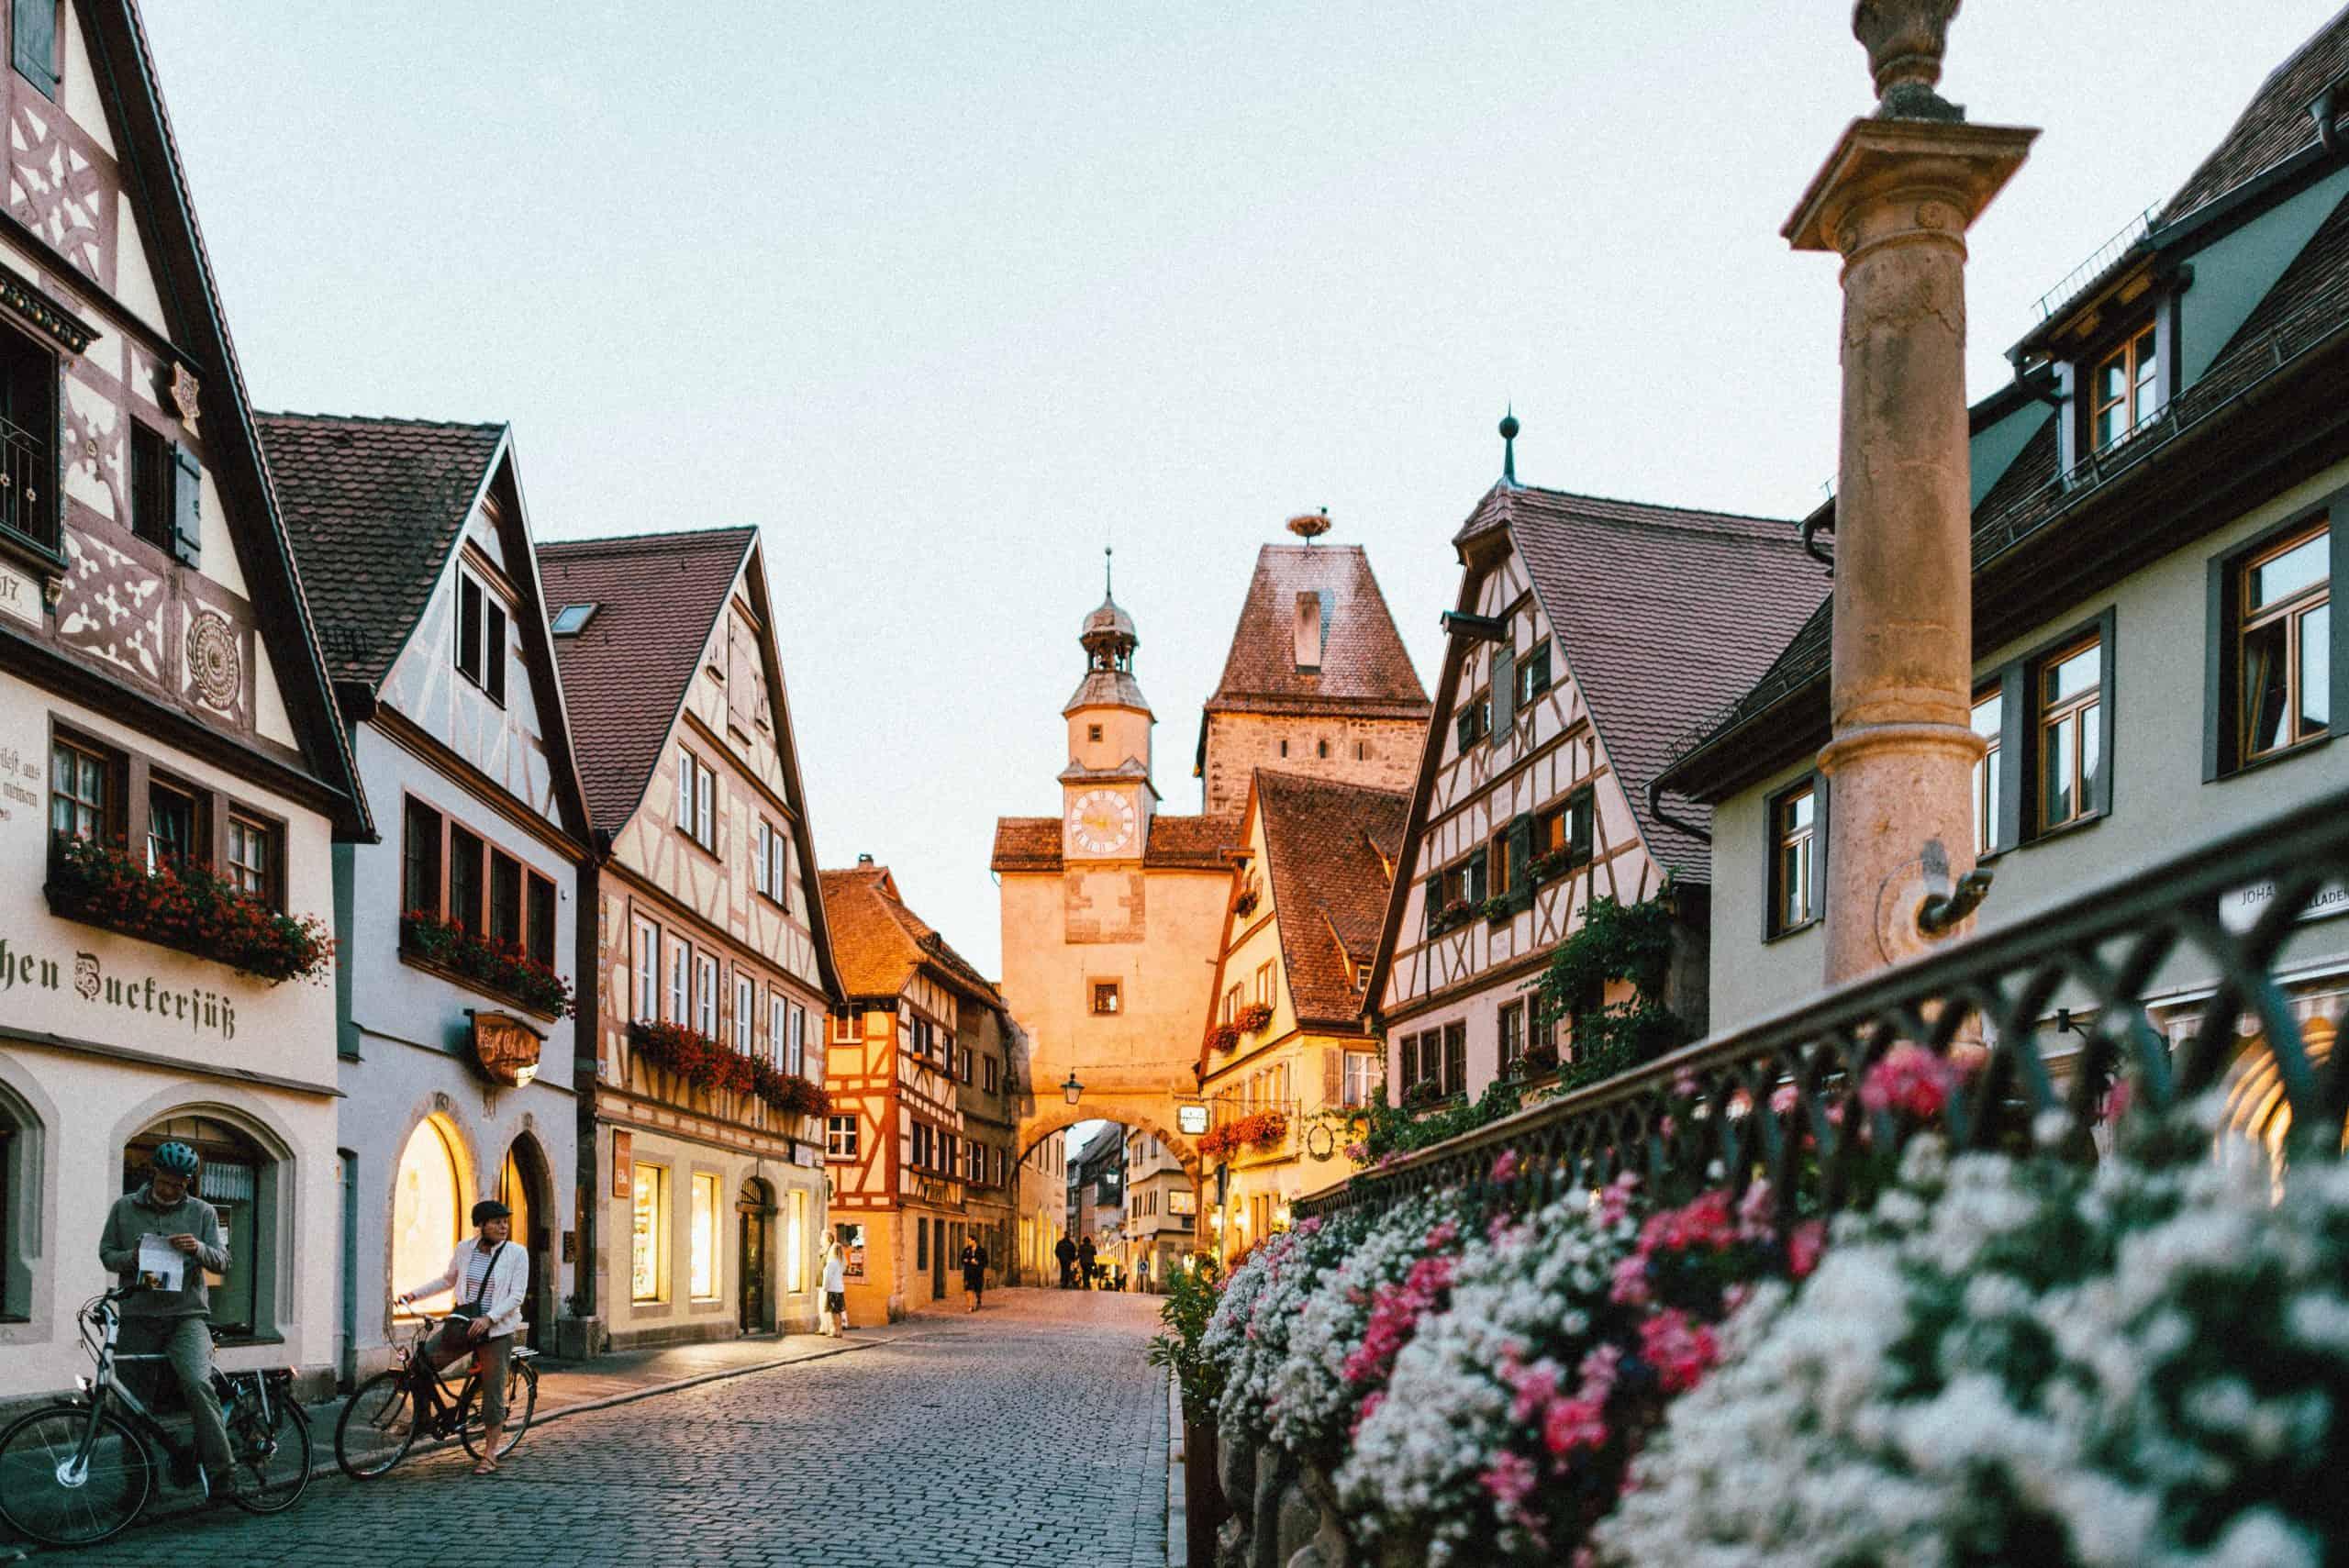 Liste der 3 größten Unternehmen in Aschaffenburg